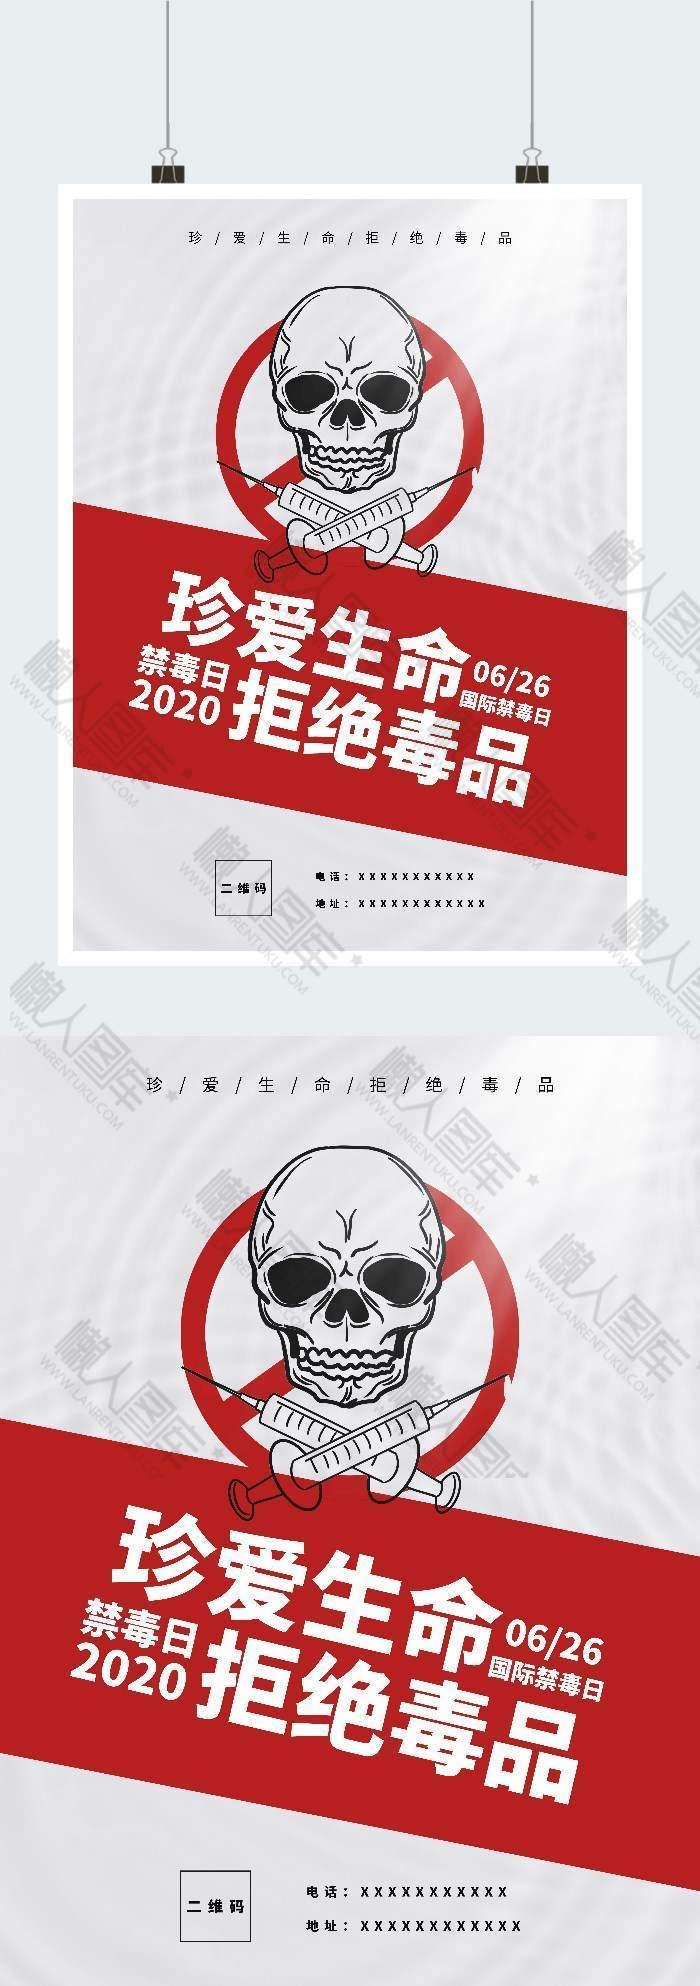 简约国际禁毒日广告平面海报图1